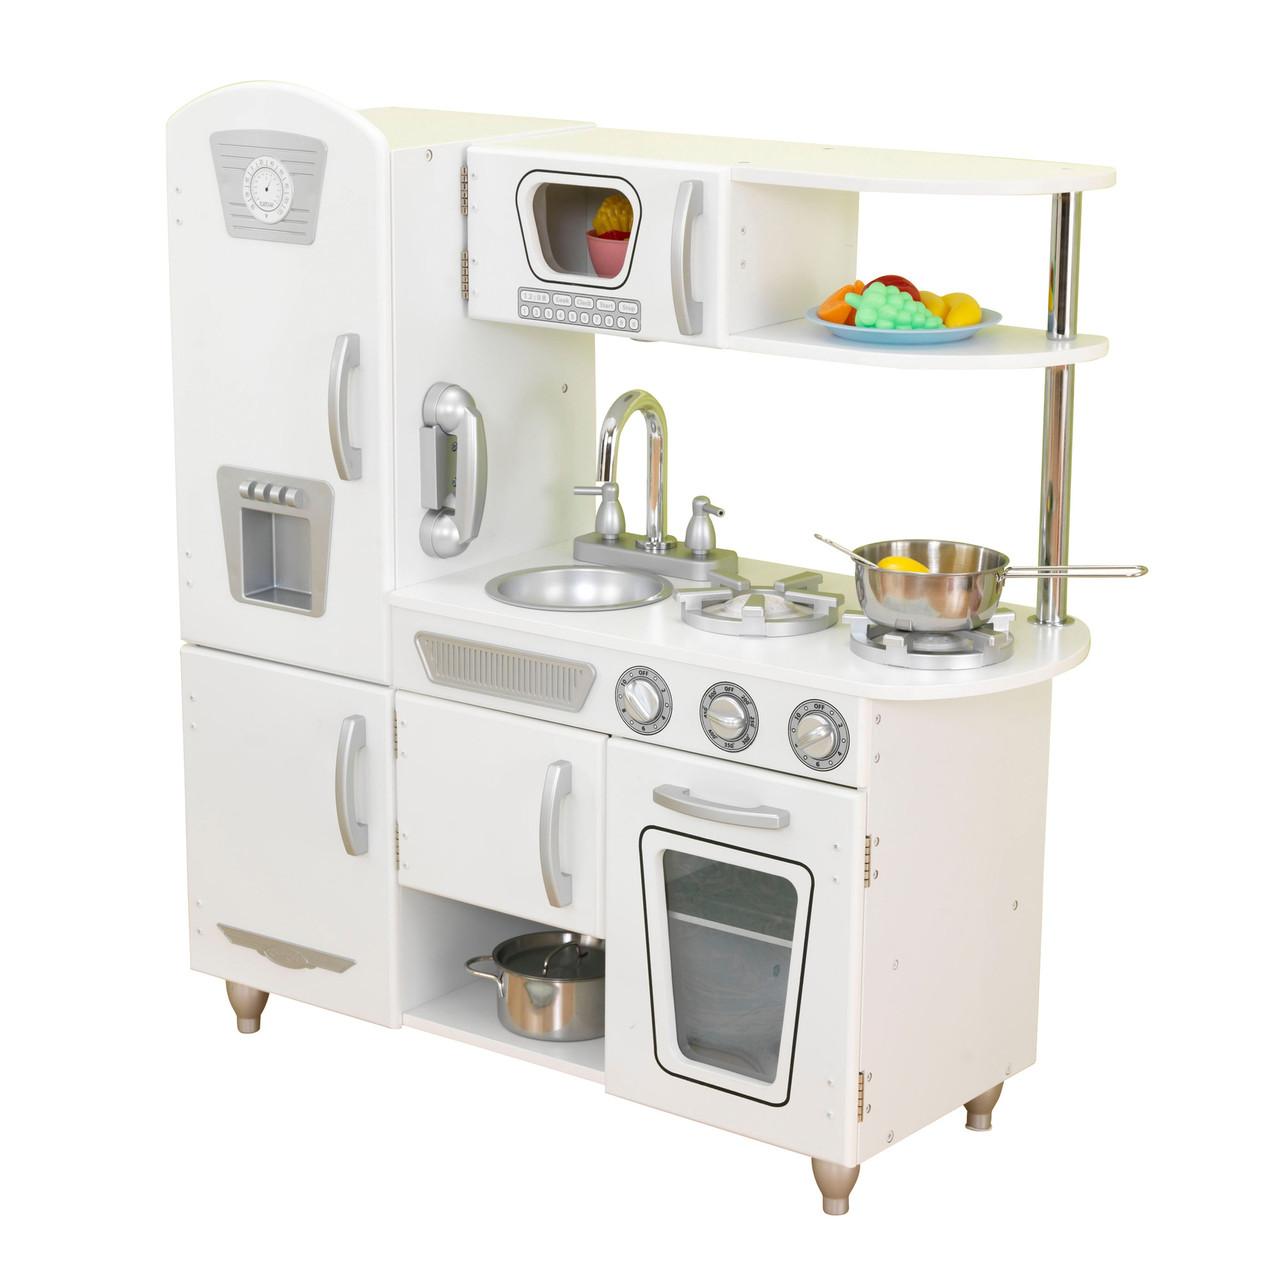 Incroyable KidKraft White Vintage Kitchen